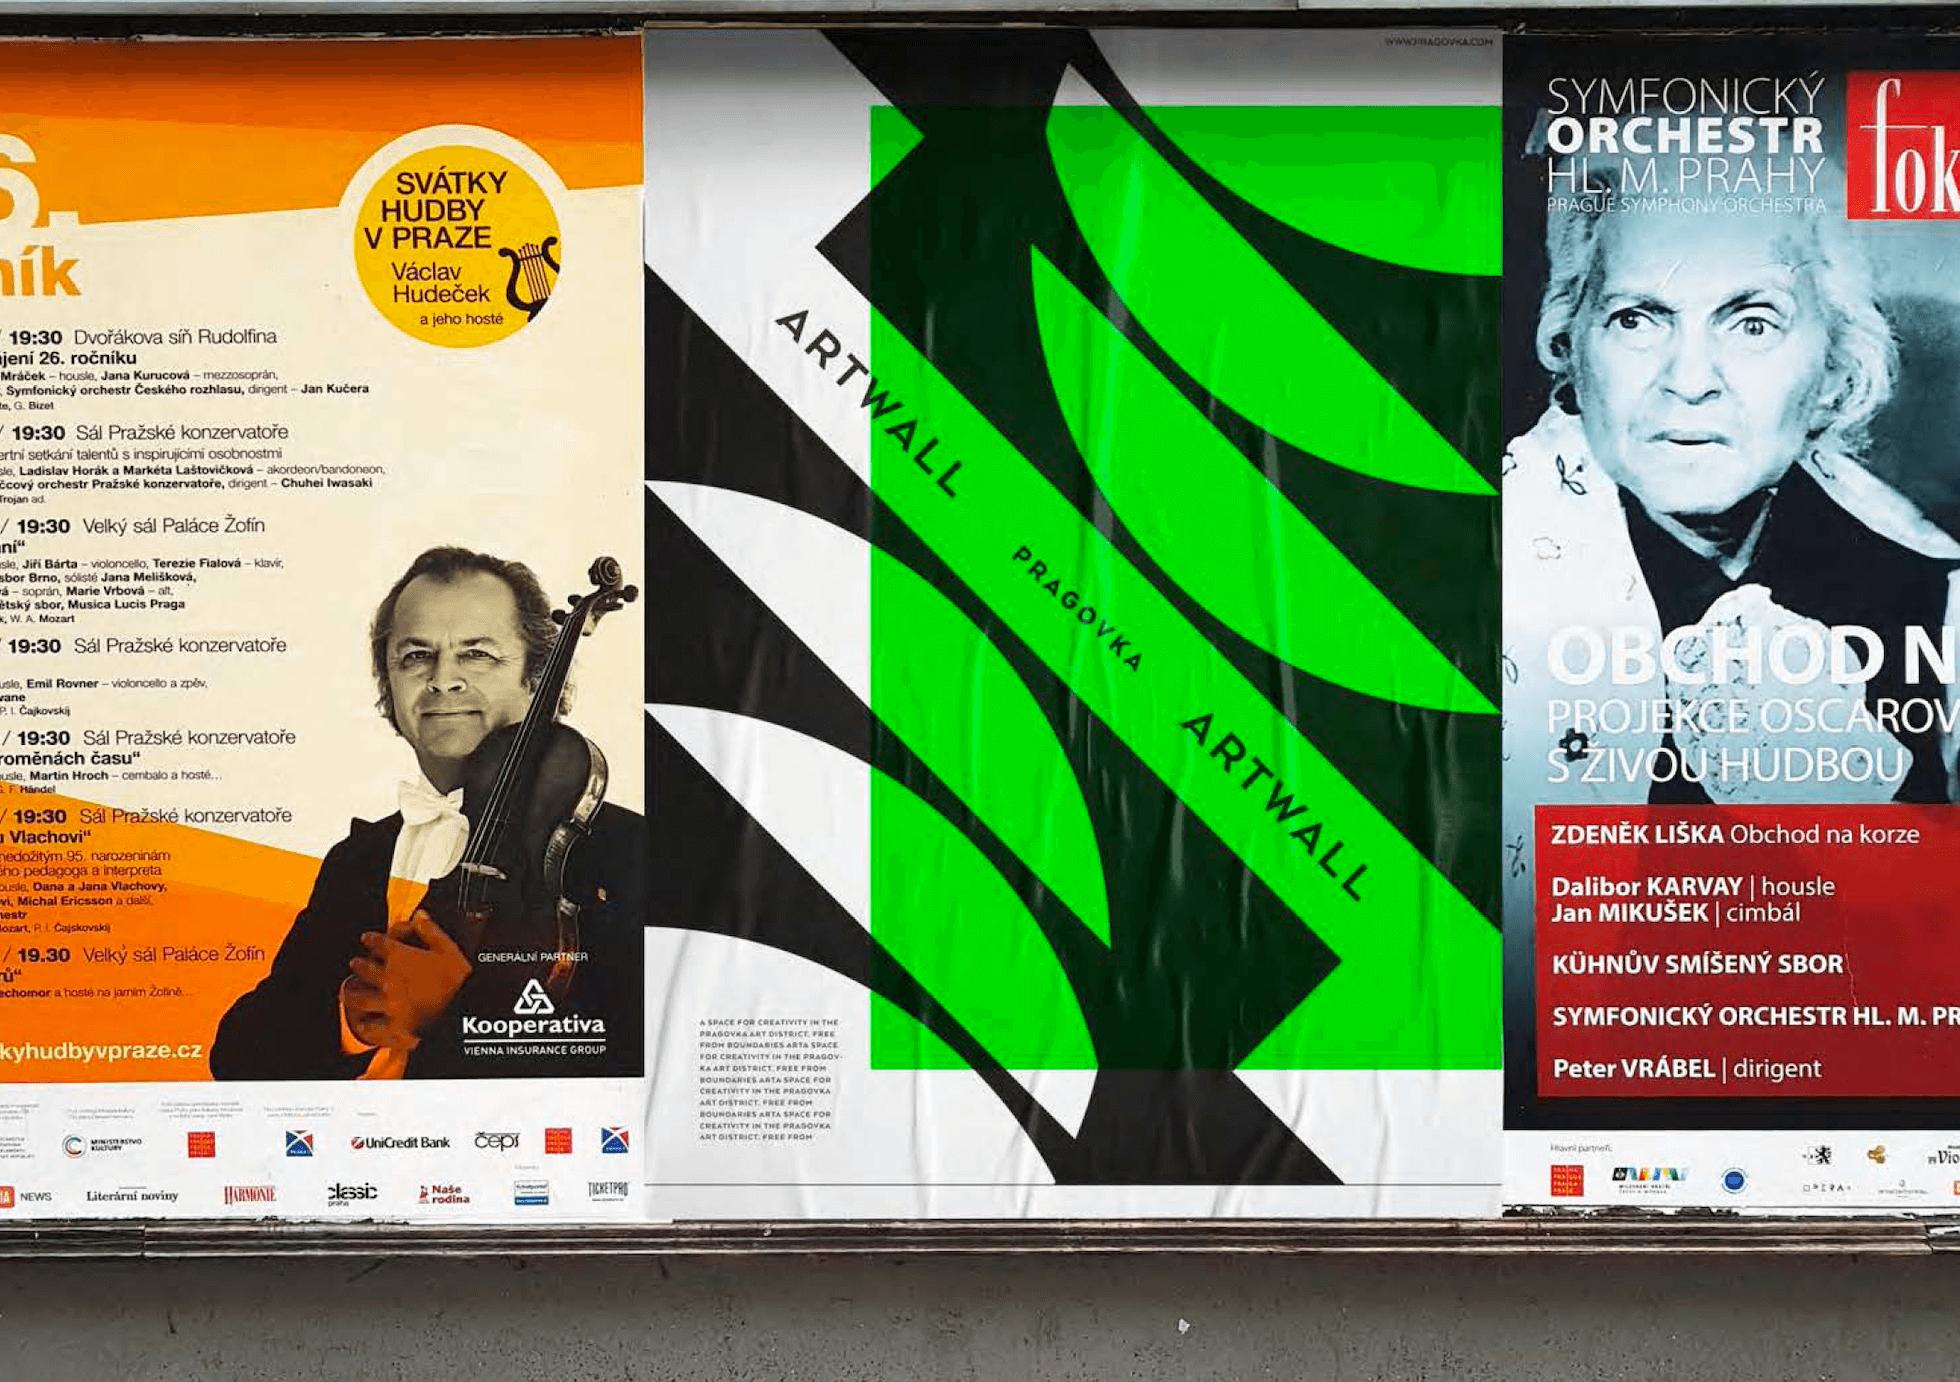 Pragovka plakat